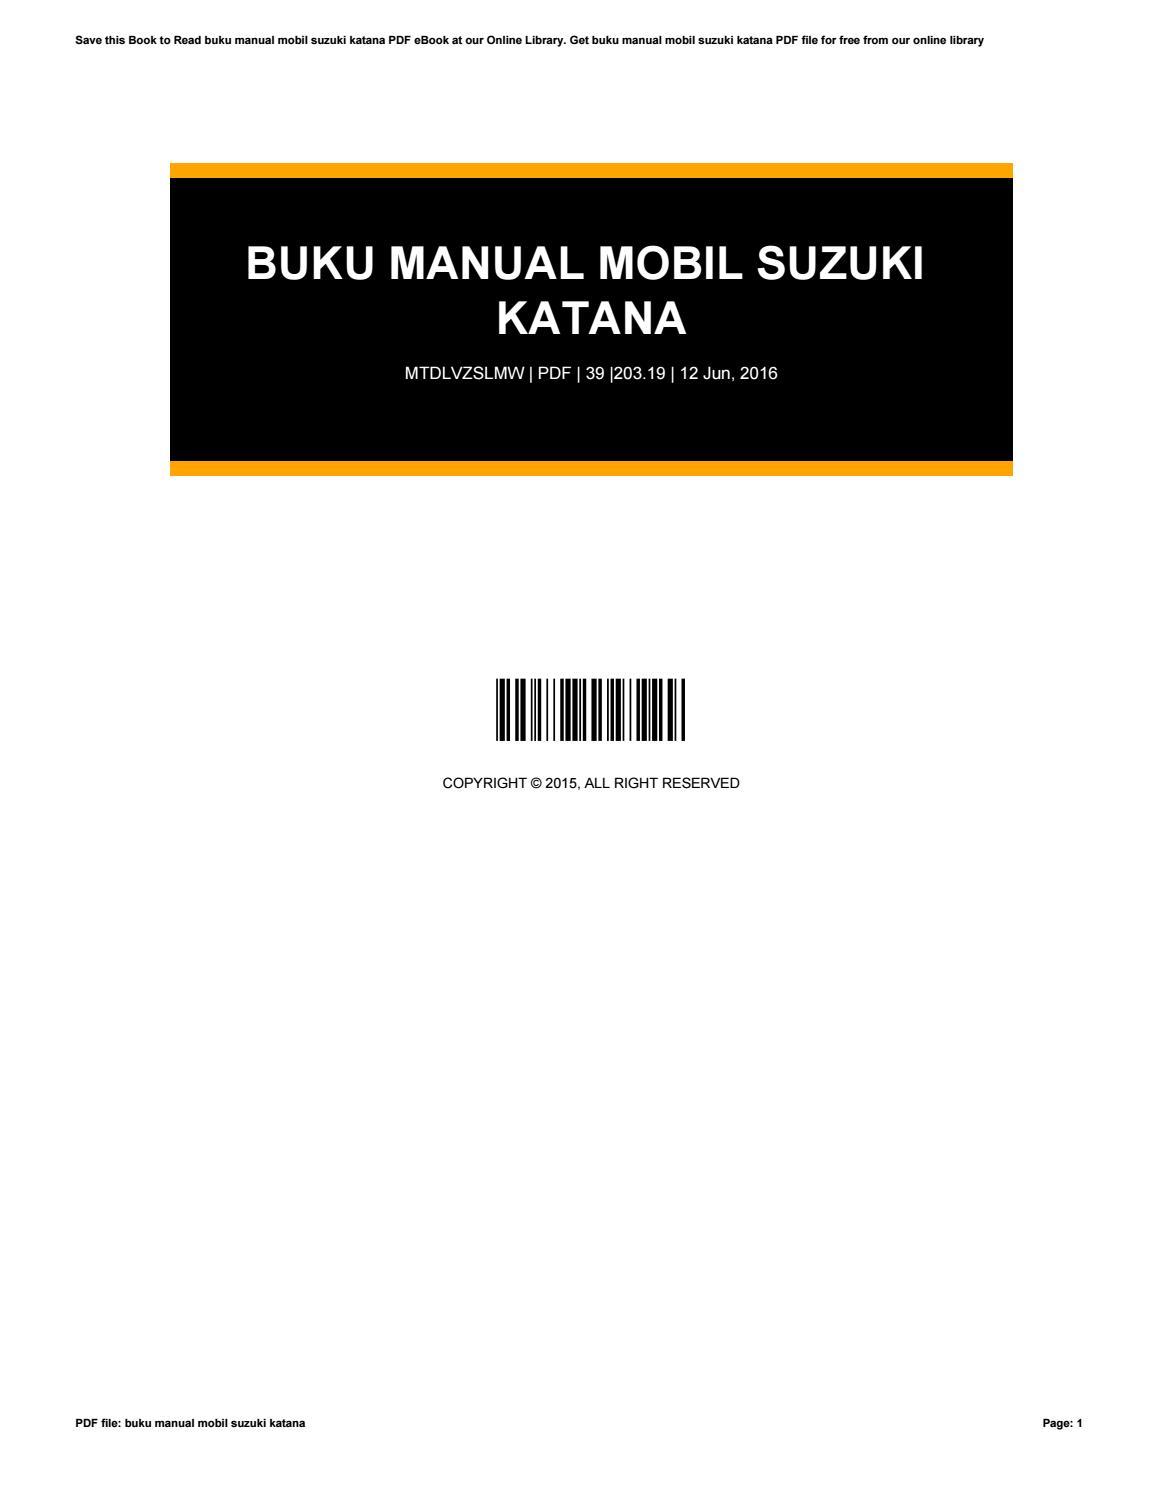 Buku Gratis File Pdf